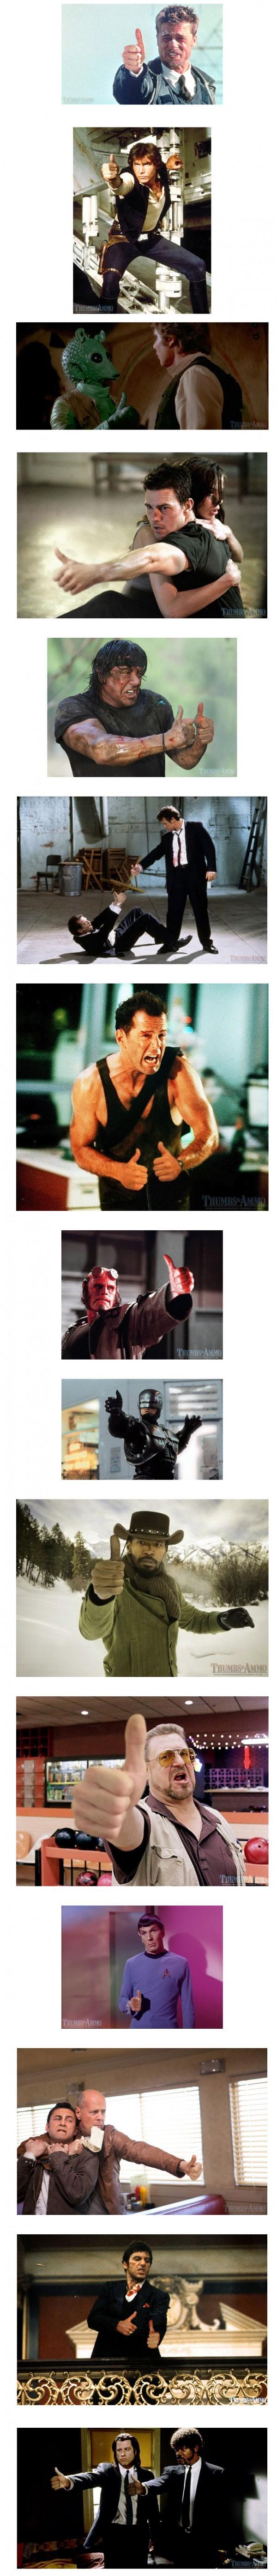 Pistolas en películas reemplazadas por pulgares arriba